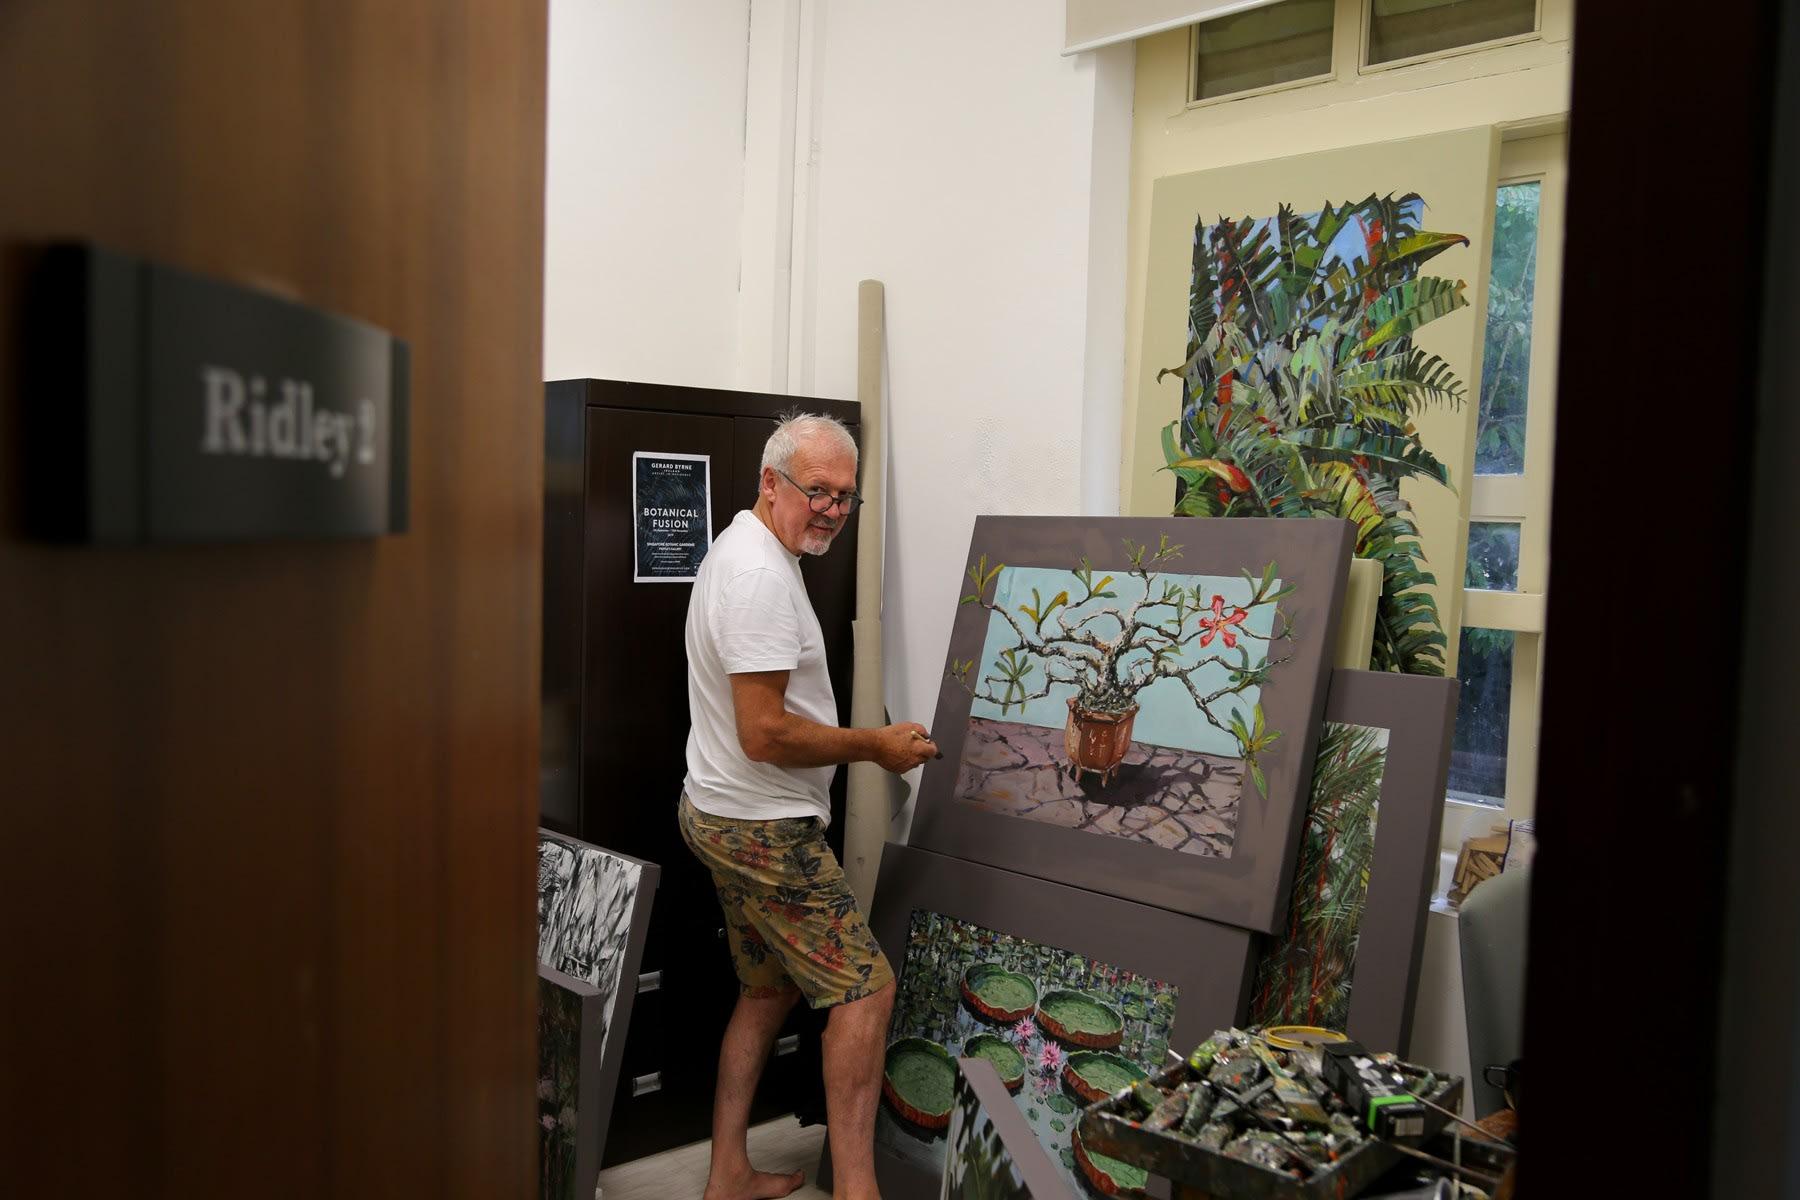 04 SEPTEMBER 2019 SINGAPORE BOTANIC GARDENS Eve of the Botanical Fusion exhibition Finishing touches photo: Agata Byrne